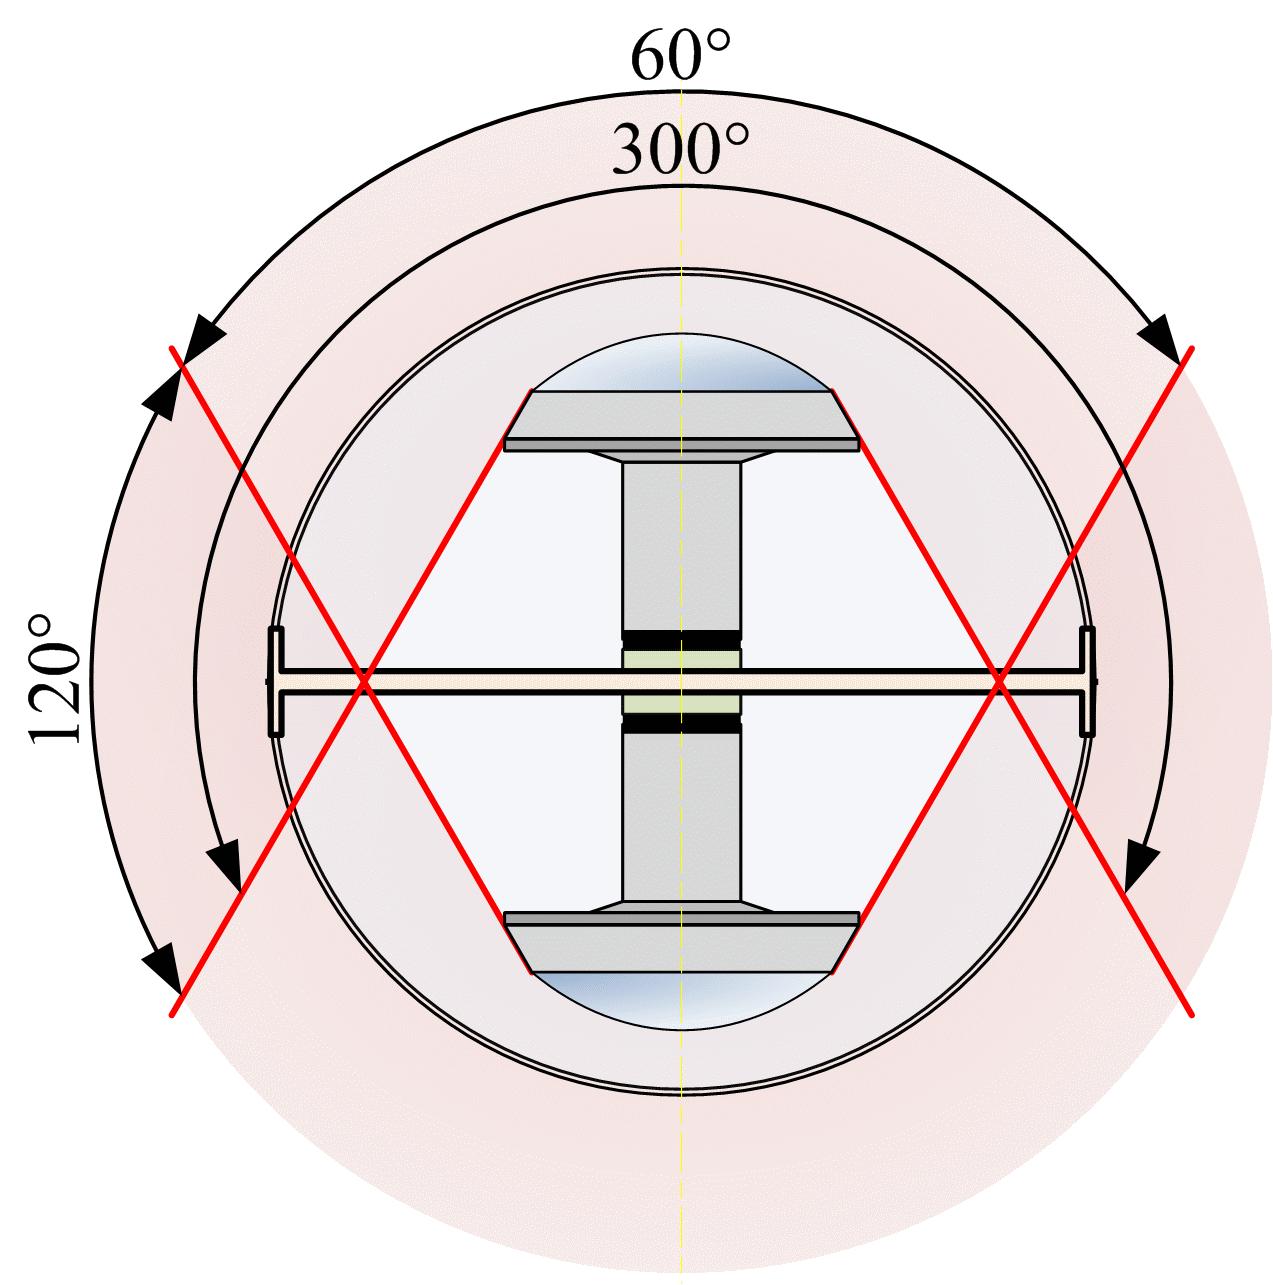 Рис. 8. Двухканальный всеобзорный оптико-электронный комплекс